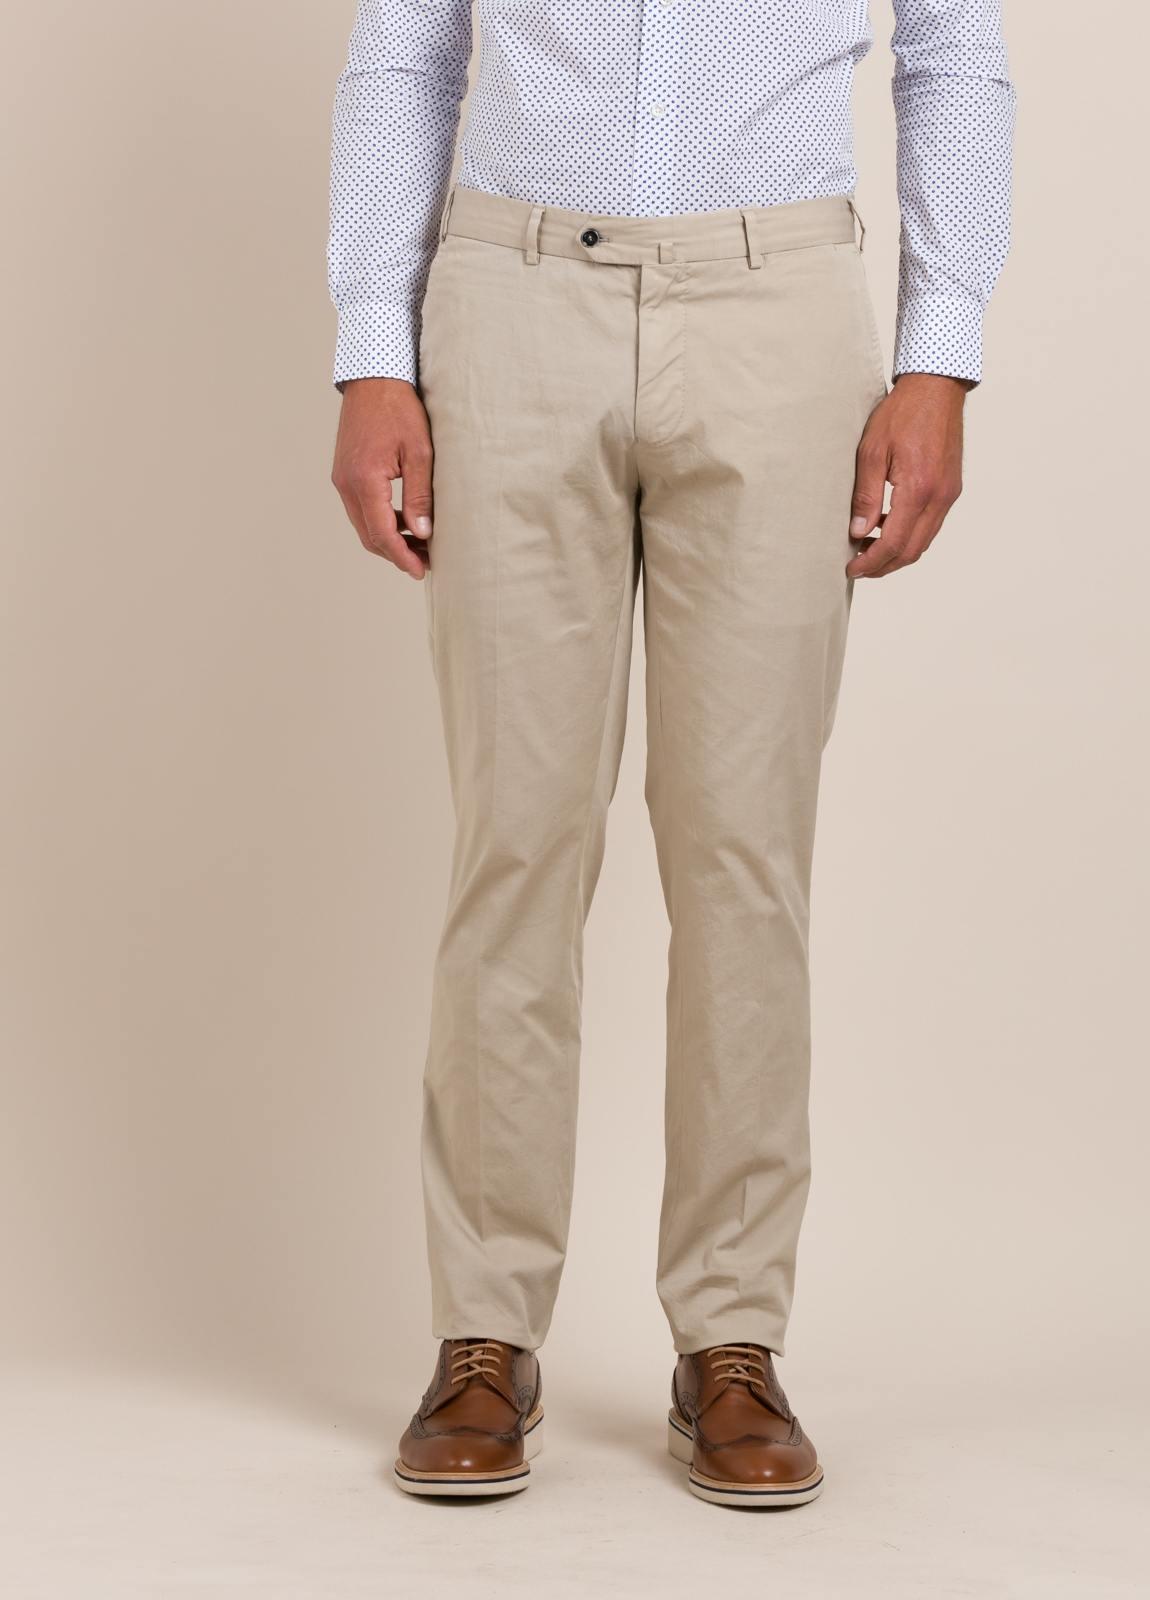 Pantalón chino FUREST COLECCIÓN Slim Fit beige